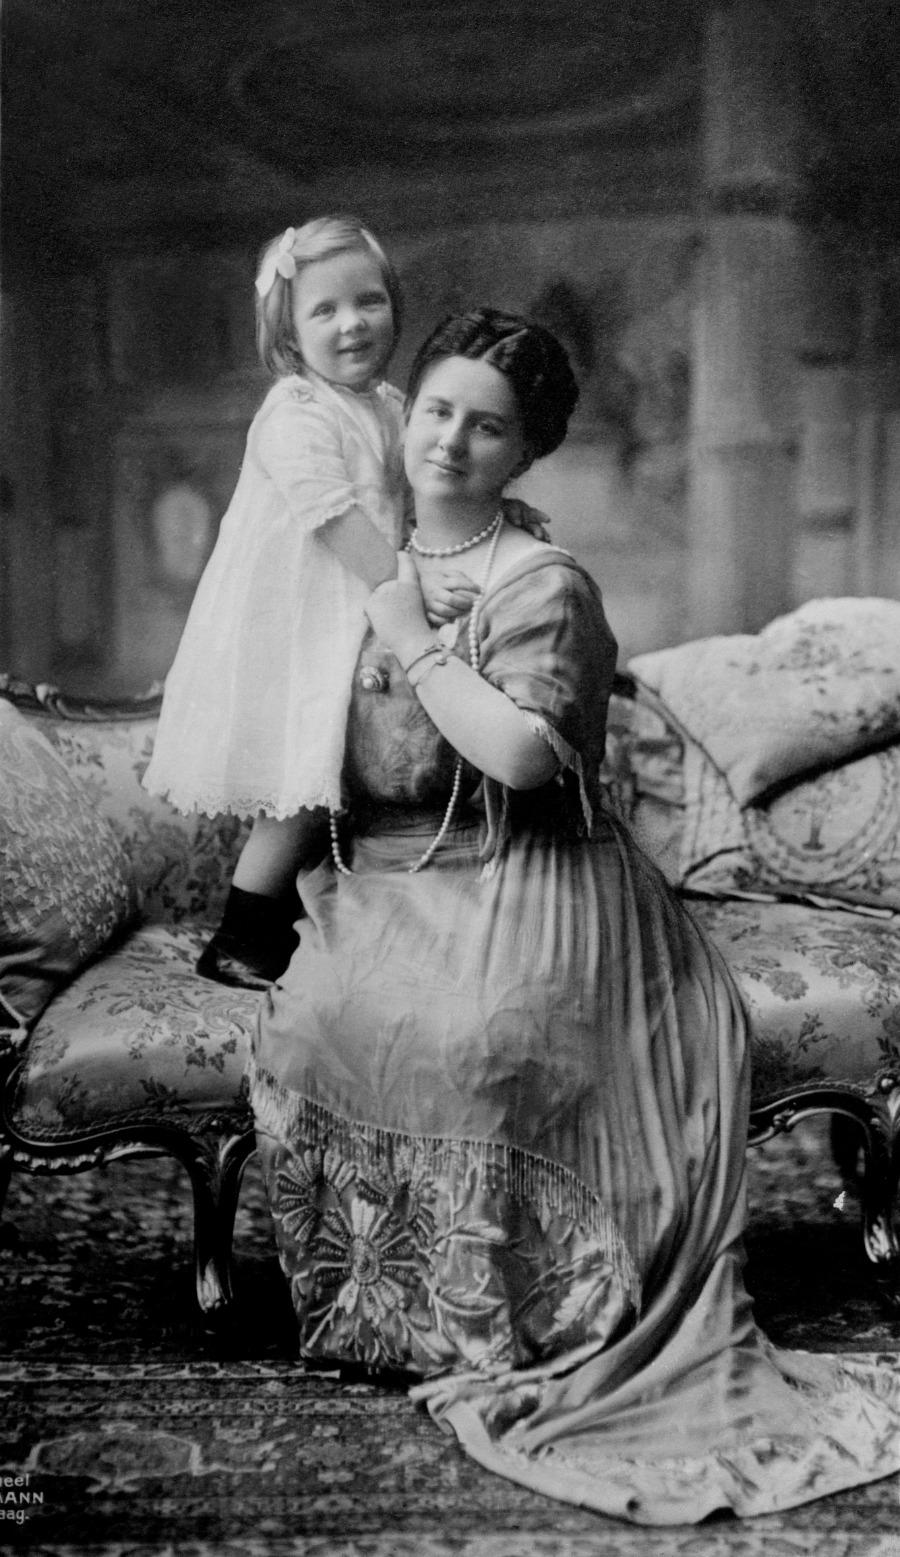 Queen Wilhelmina and her daughter Juliana, circa 1914